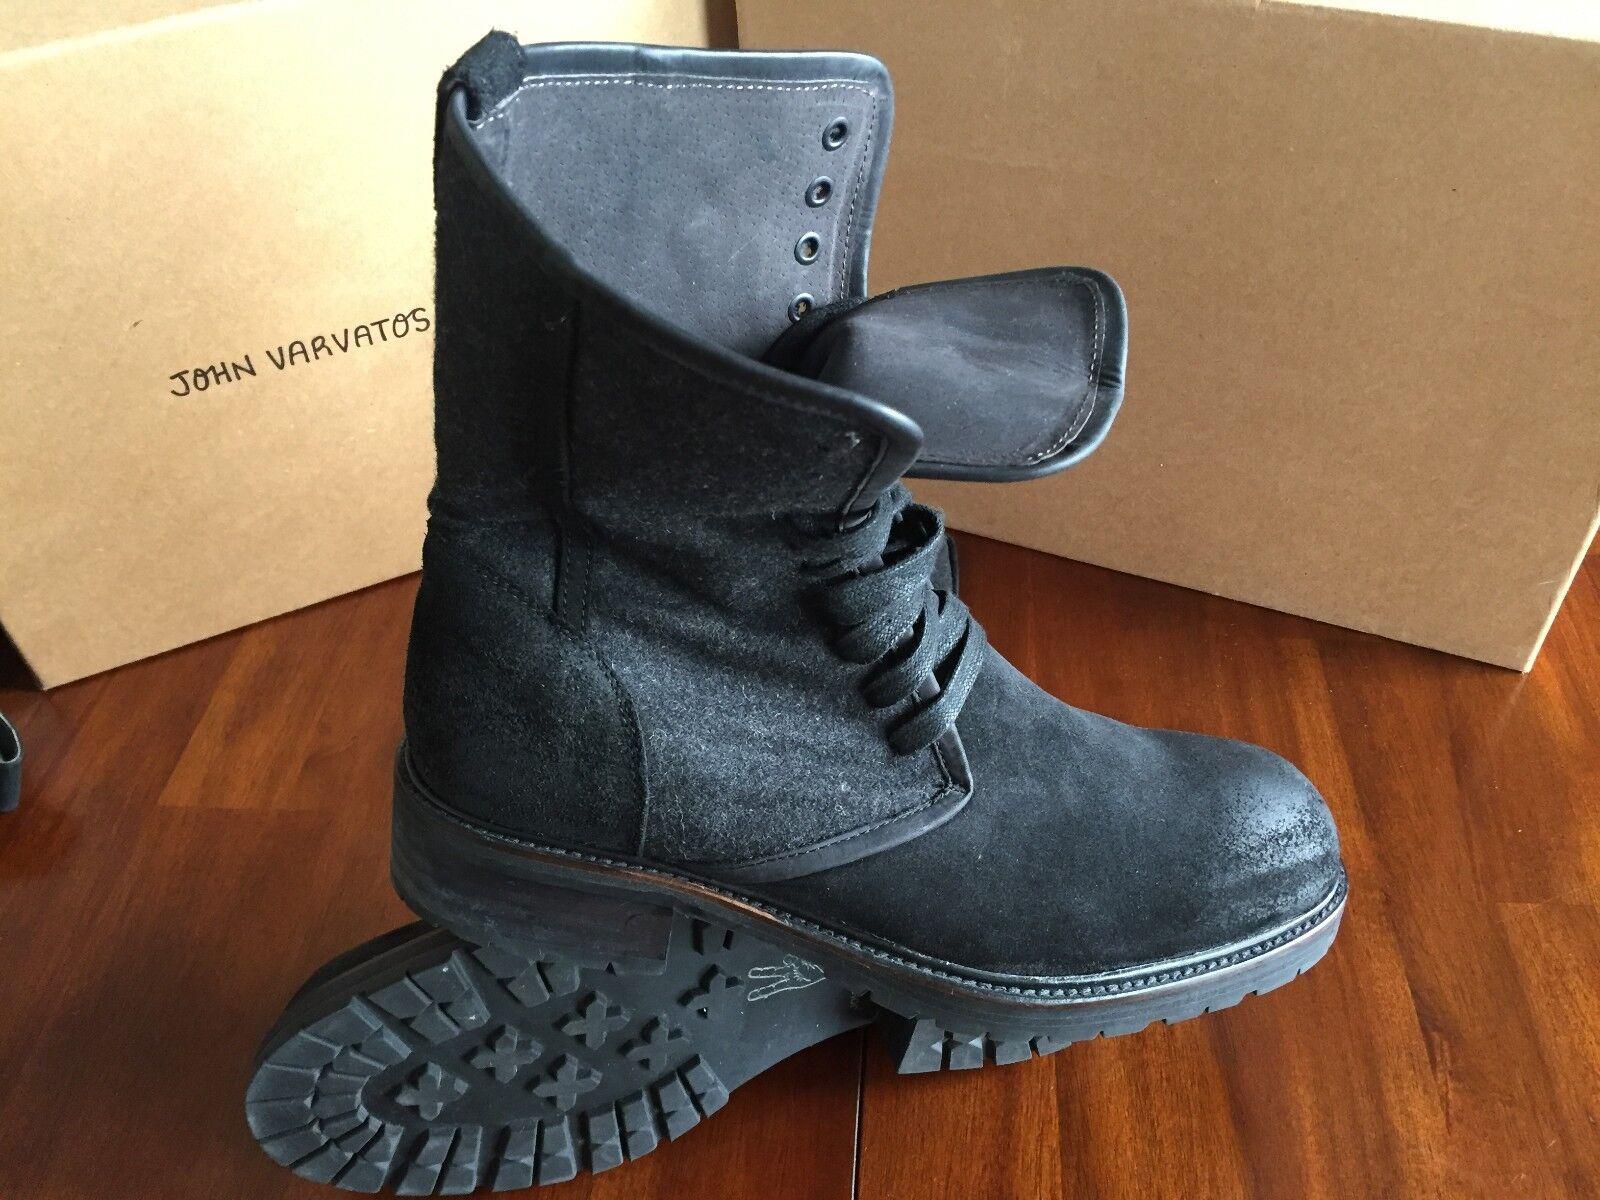 JOHN VARVATOS STATR USA BRIGHTON negro SUED botas (Talla 10M)   375